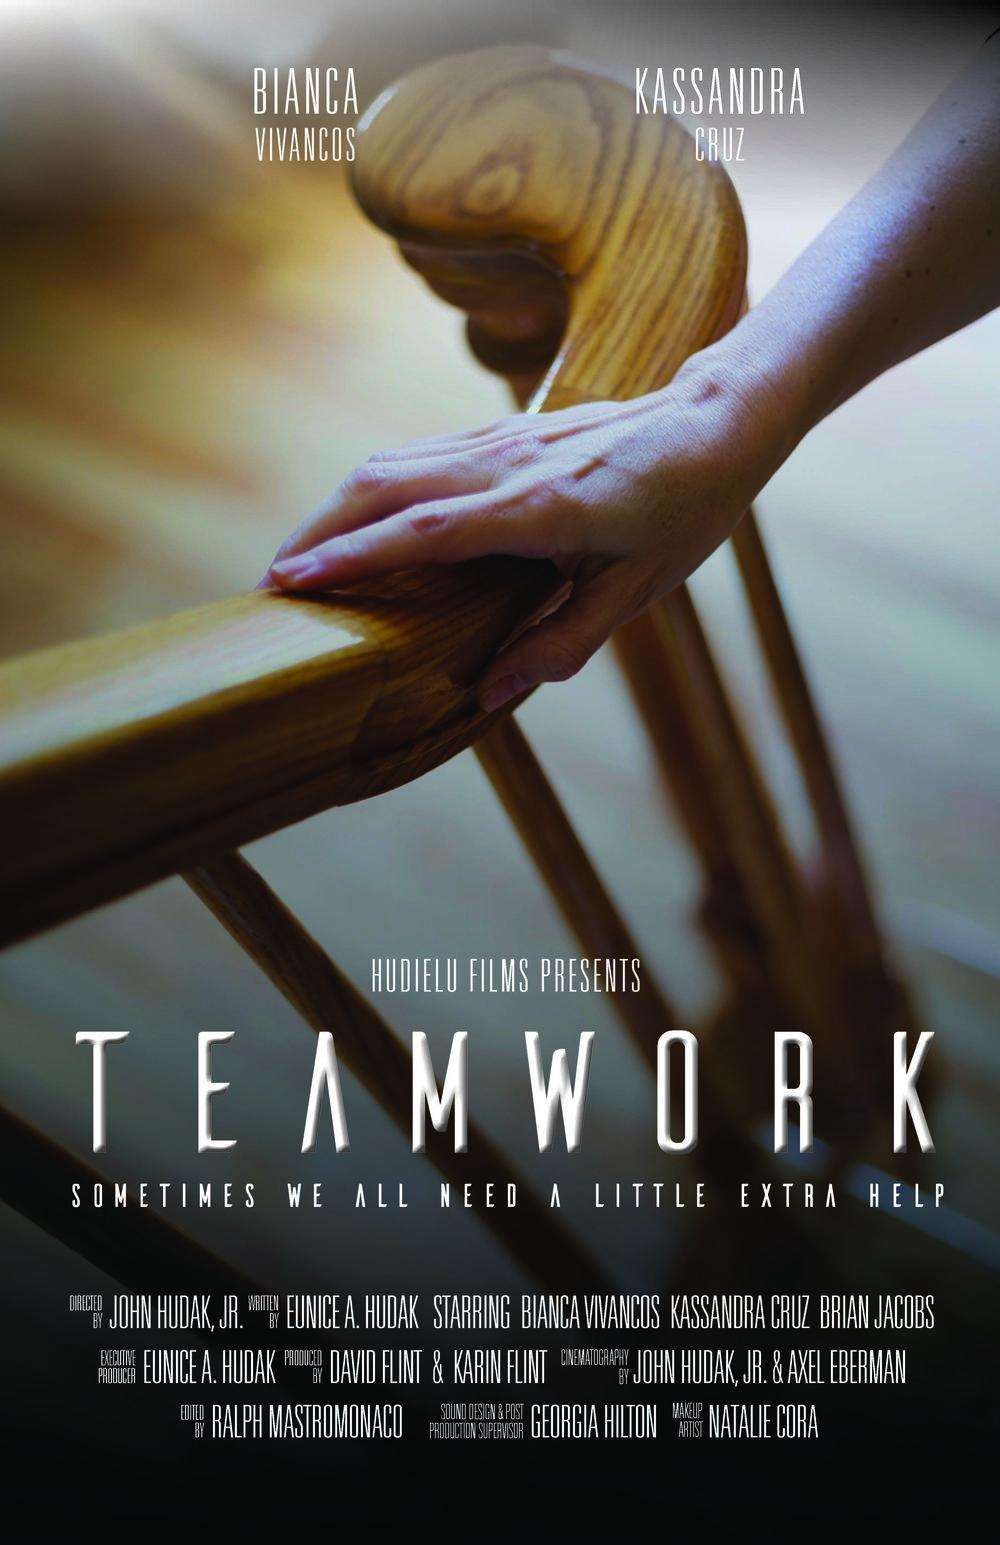 Teamwork Poster_Final.jpg